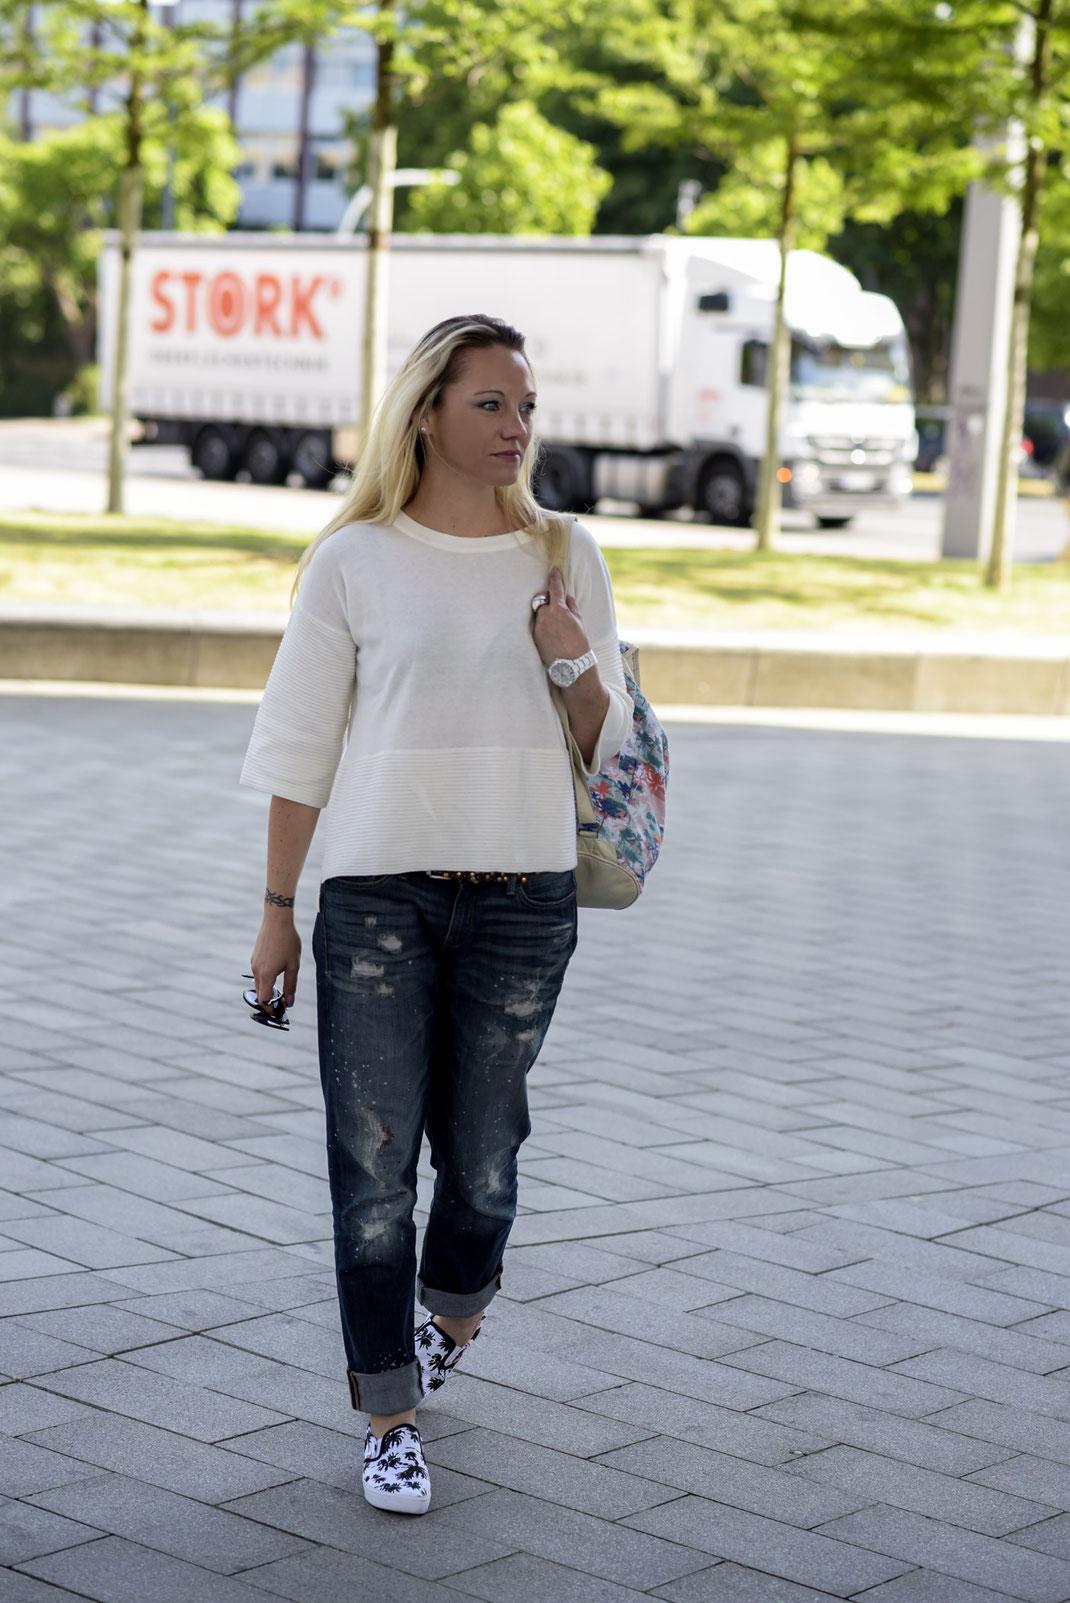 Bloggerin Franny Fine zeigt auf Hot Port Life & Style ein lässiges Sommer Outfit bestehend aus Boyfriend Jeans & coolen Slip Ons im Palmen Design zum weit geschnittenen Shirt von River Island | Hot Port Life & Style | 30+ Style Blog